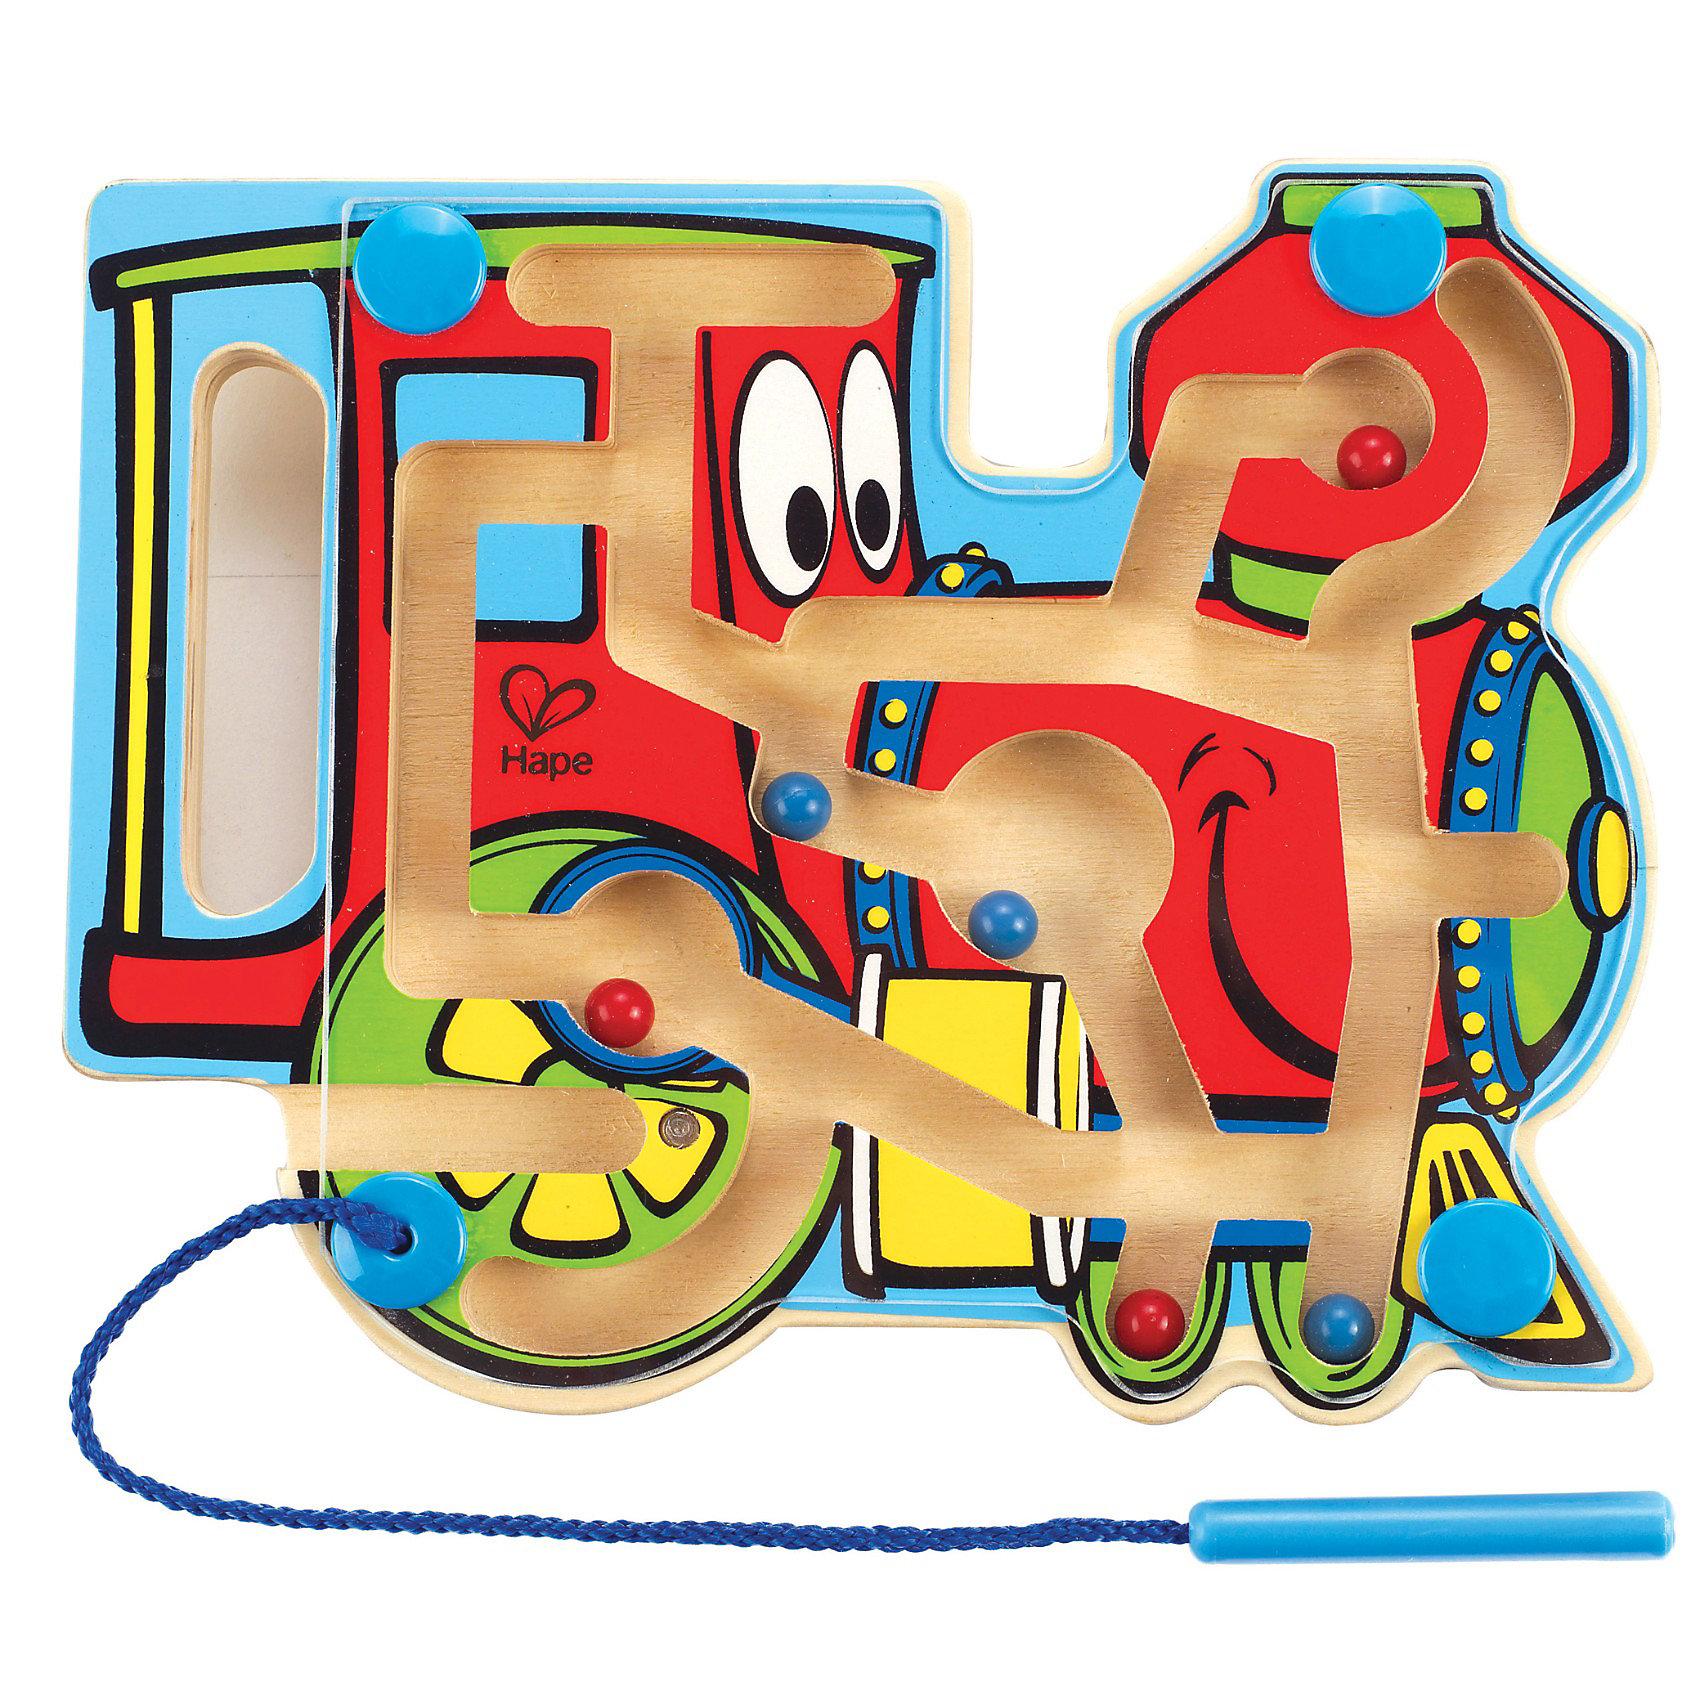 Игрушка деревянная Паровозик-лабиринт, HapeЛабиринты<br>Внутри лабиринта находятся разноцветные шарики-магниты, малыш подносит указку к шарику, тот примагничивается и он передвигает его по лабиринтам в нужный отсек. На передней панели паровозикарасположенапрозрачная пластиковая панель, которая надежно хранит шарики внутри. Указка прикреплена к лабиринту текстильным шнуром. Игрушка способствует развитию моторики, стимулирует визуальное восприятие, когнитивное мышление, развивает интеллектуальные способности и воображение. Размер упаковки: 20 х 3 х 25 см <br>Размер игрушки: 19.6 х 15.6 х 2 см<br><br>Ширина мм: 21<br>Глубина мм: 156<br>Высота мм: 195<br>Вес г: 240<br>Возраст от месяцев: 24<br>Возраст до месяцев: 48<br>Пол: Унисекс<br>Возраст: Детский<br>SKU: 2503722